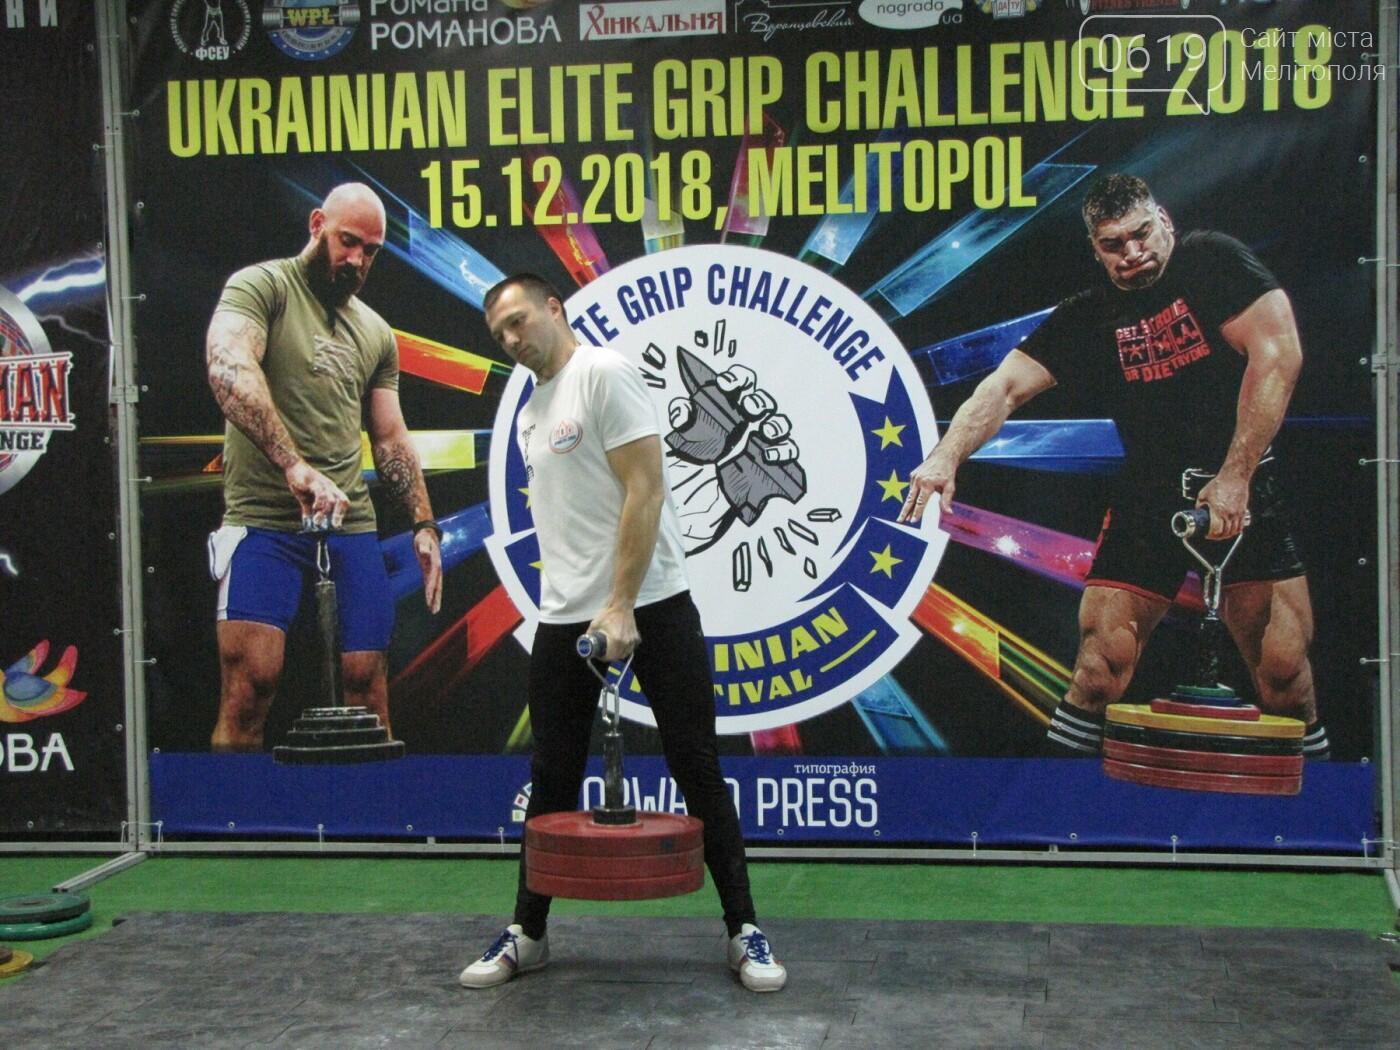 В Мелитополе сильнейшие атлеты соревновались в силе хвата, фото-46